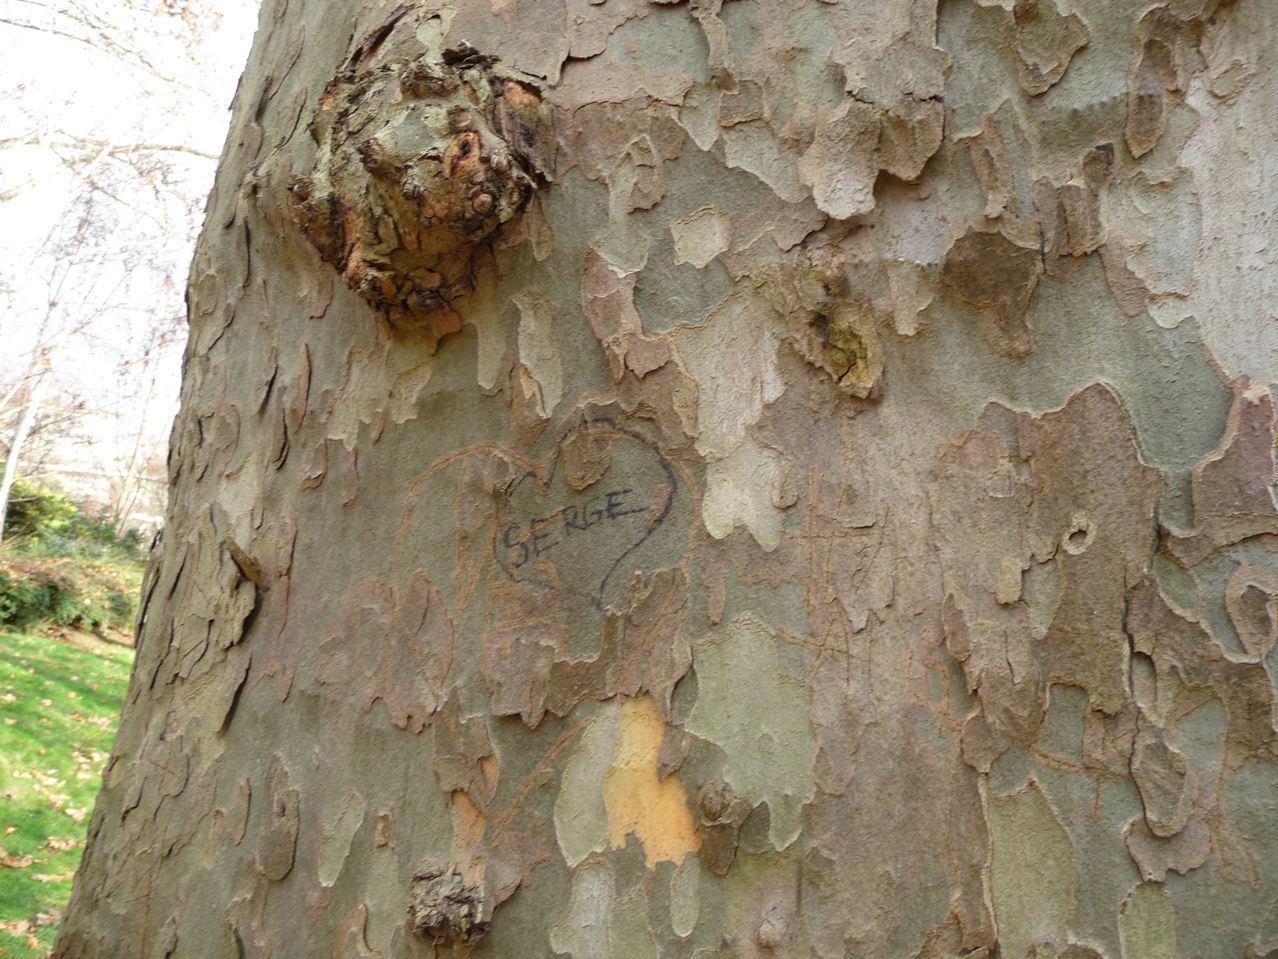 Écorce d'arbre décorative